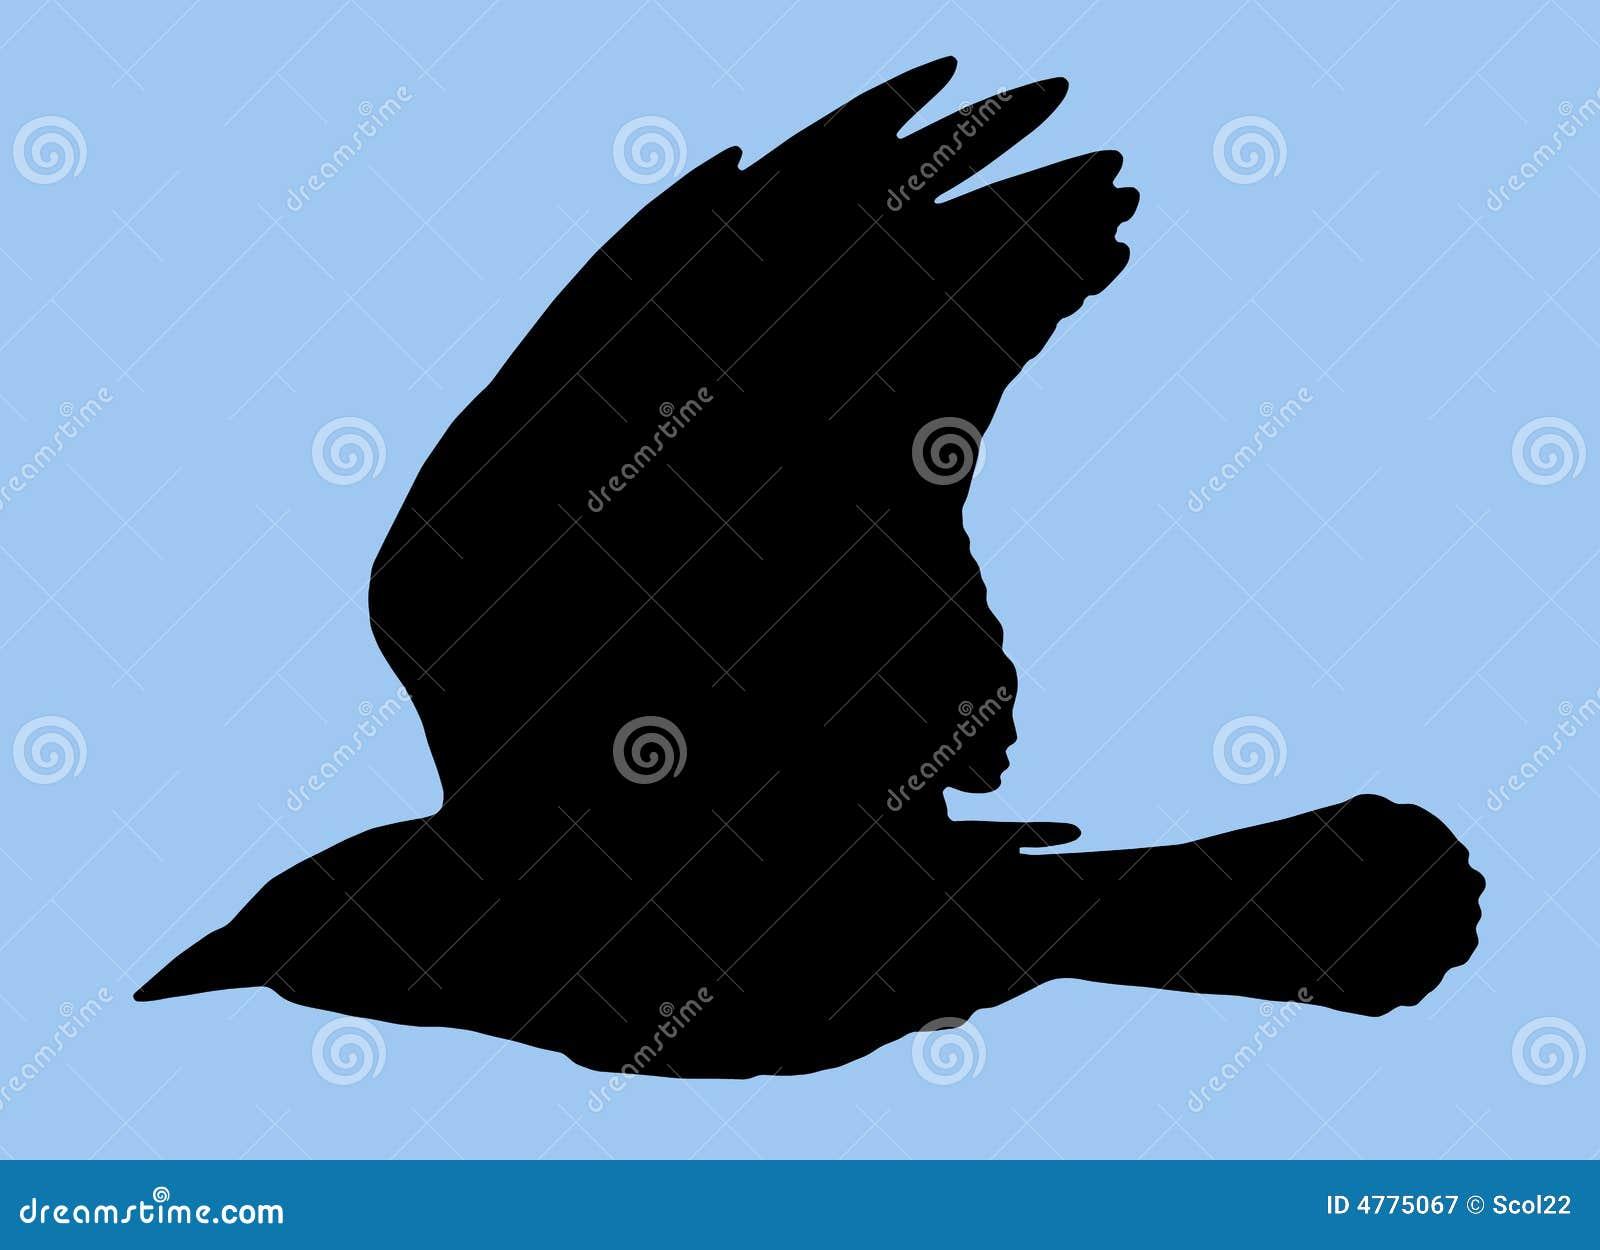 Silueta del pájaro